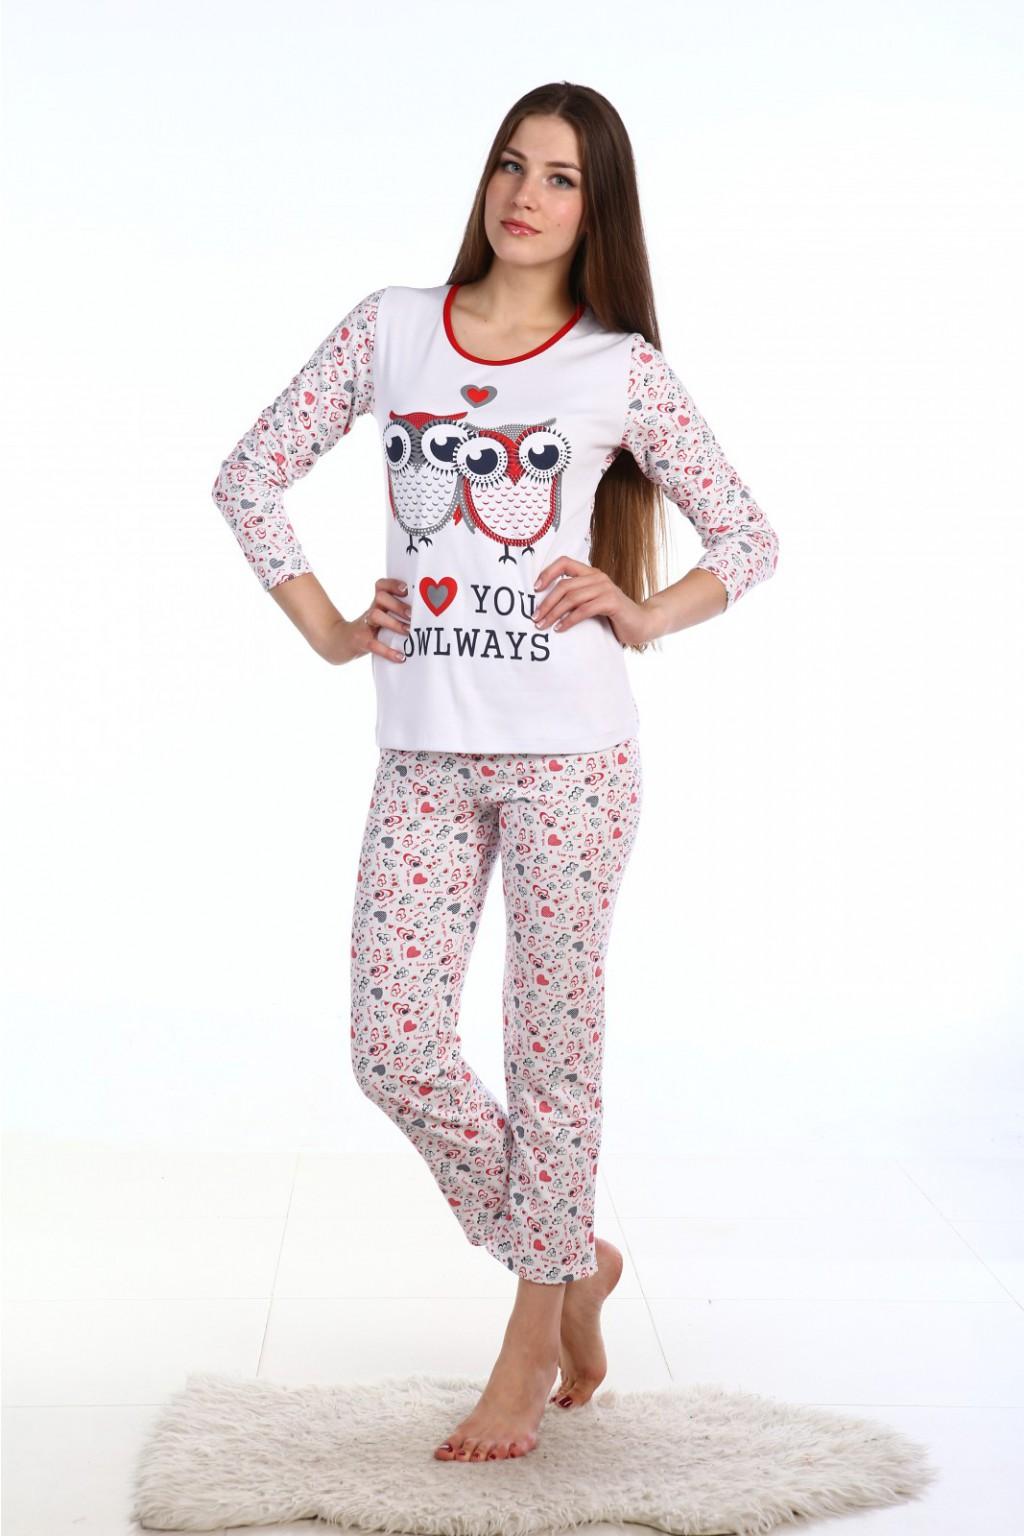 Сбор заказов.Ивановский трикотаж.Пижамы от 200 руб,сорочки от 160 руб,костюмы от 180 руб.Выкуп-11.Стоп 10 октября.